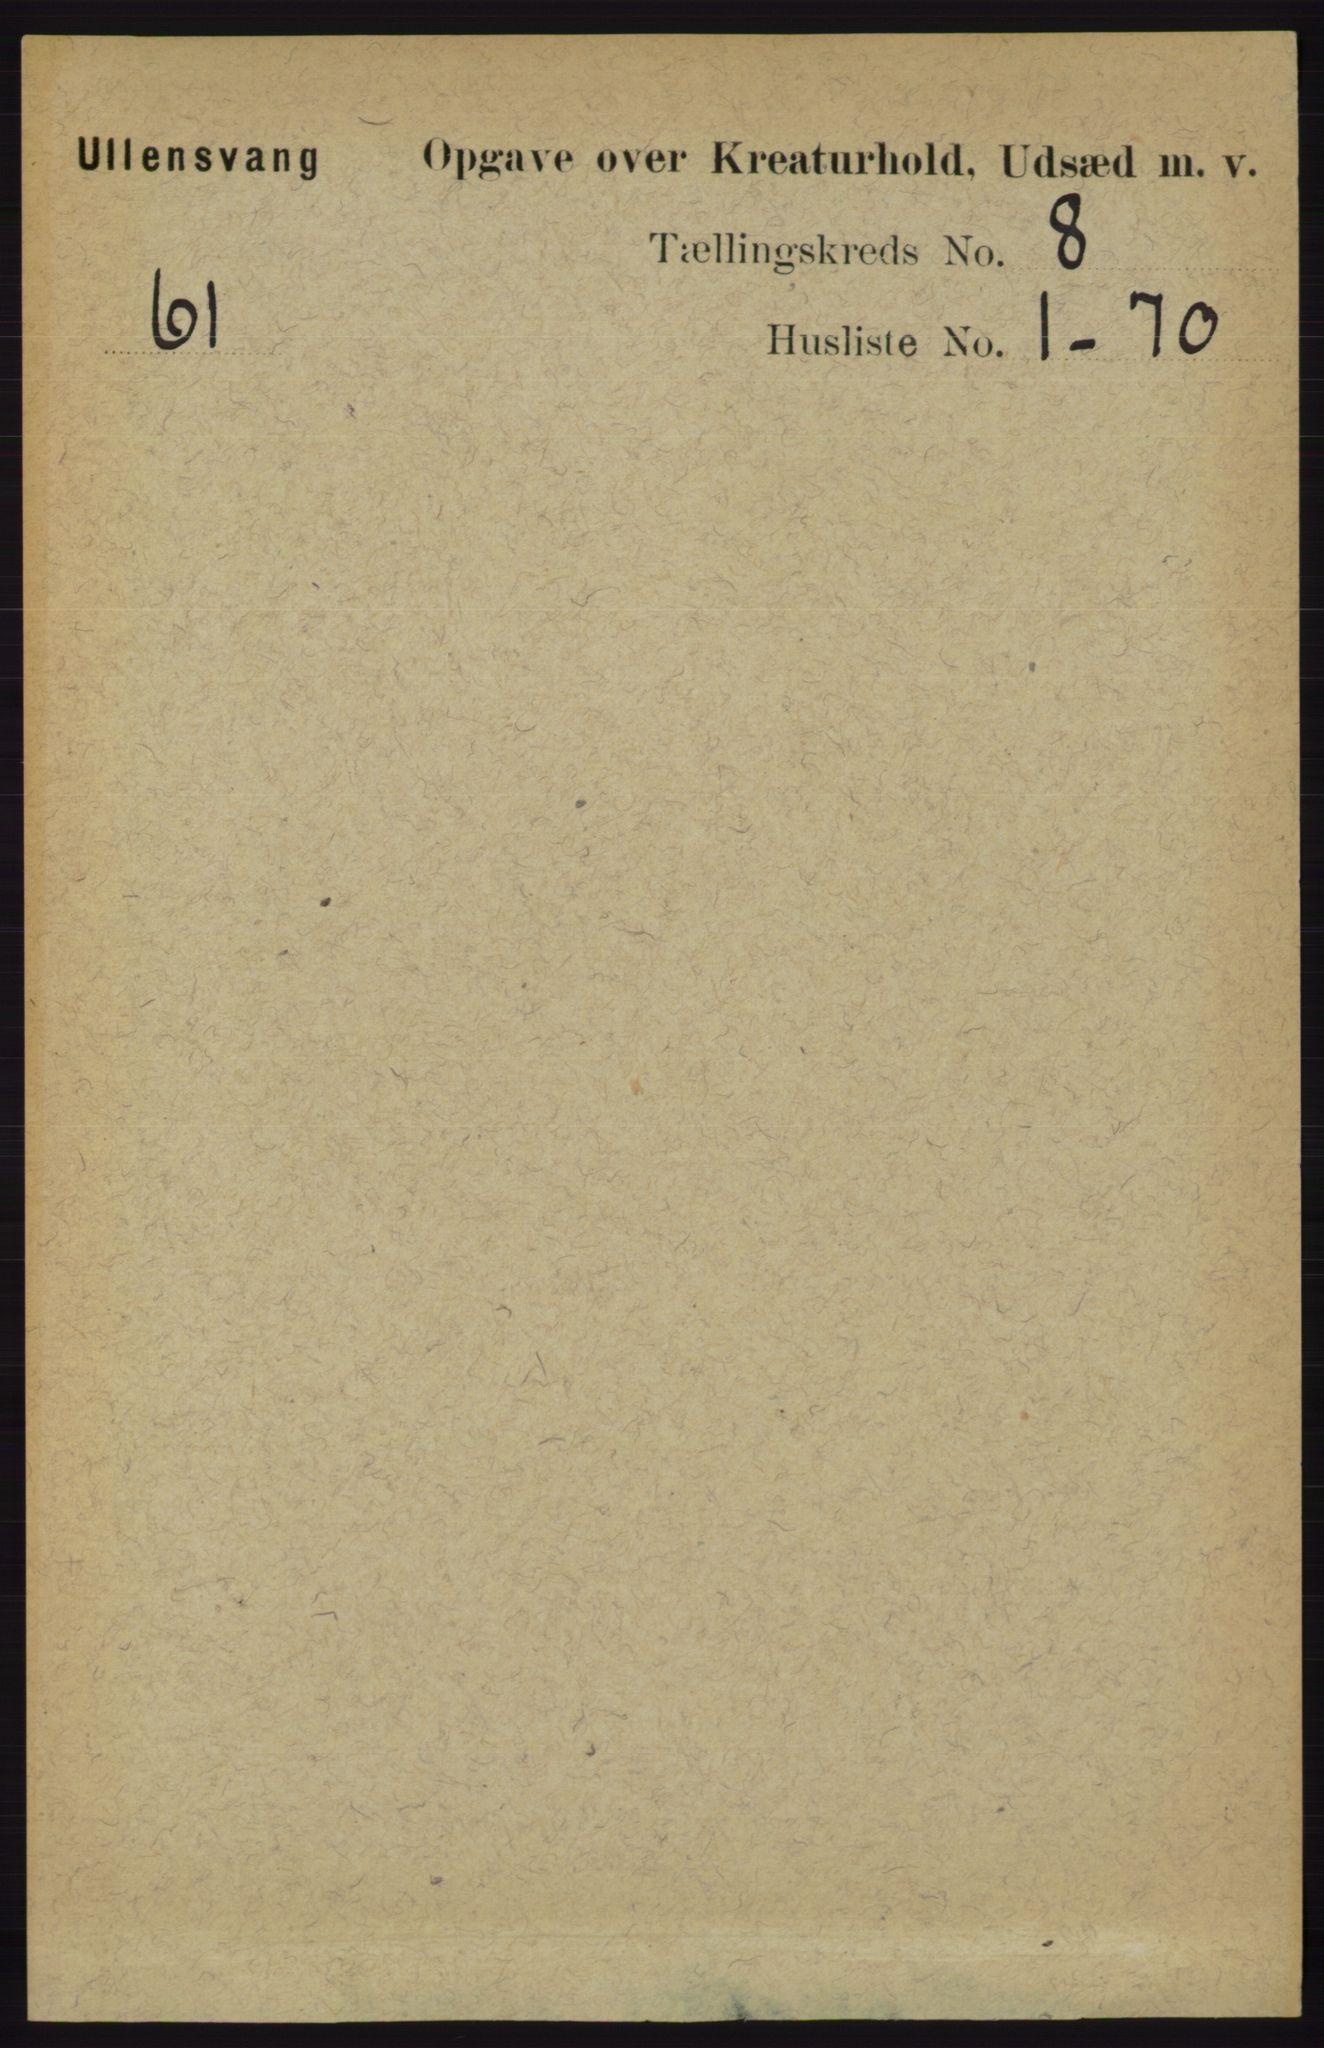 RA, Folketelling 1891 for 1230 Ullensvang herred, 1891, s. 7431